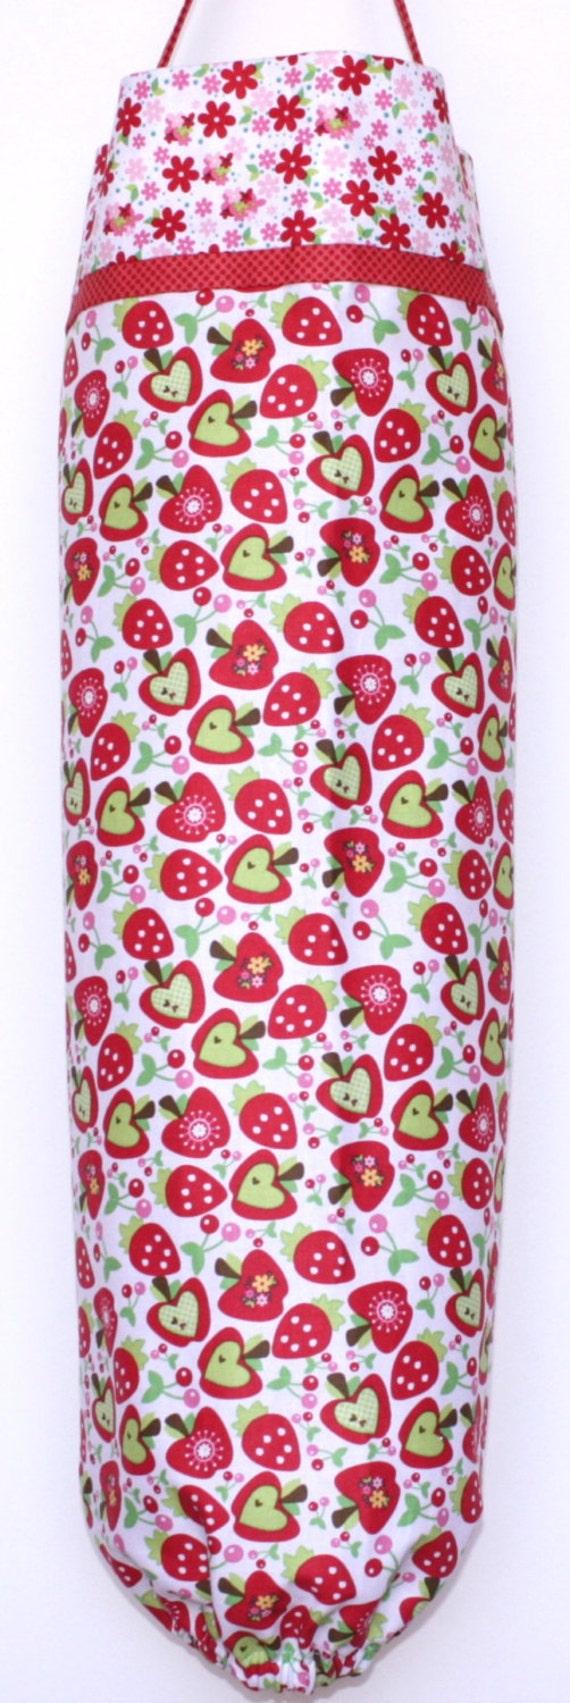 Grocery Bag Holder - Plastic Bag Dispenser Sleeve - Riley Blake Tossed Fruit Hoo's in the Forest